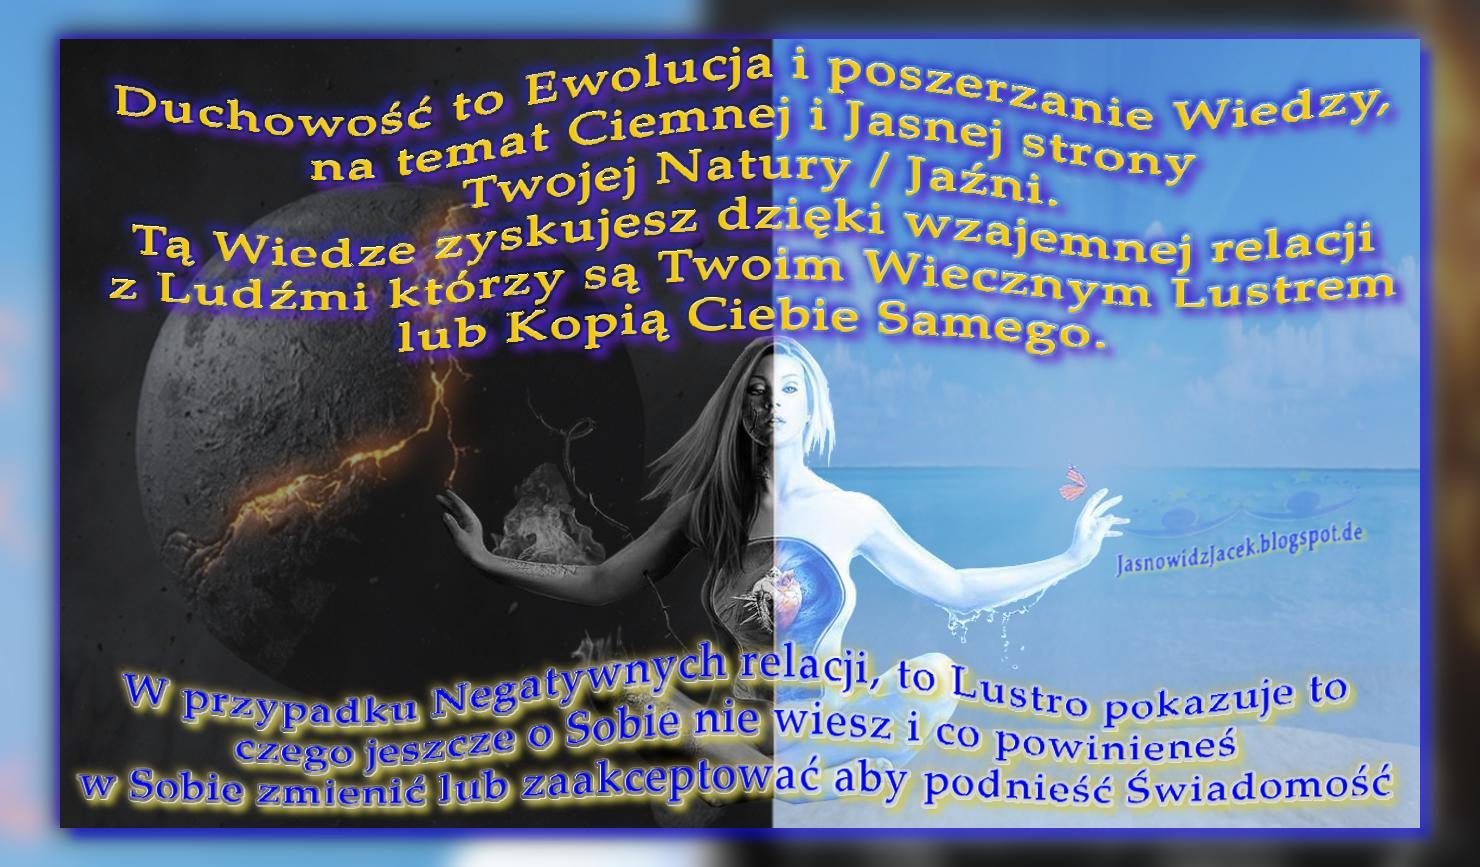 Ciemność lub Jasność  w Sercu - Duchowość - Wiedza Ewolucja